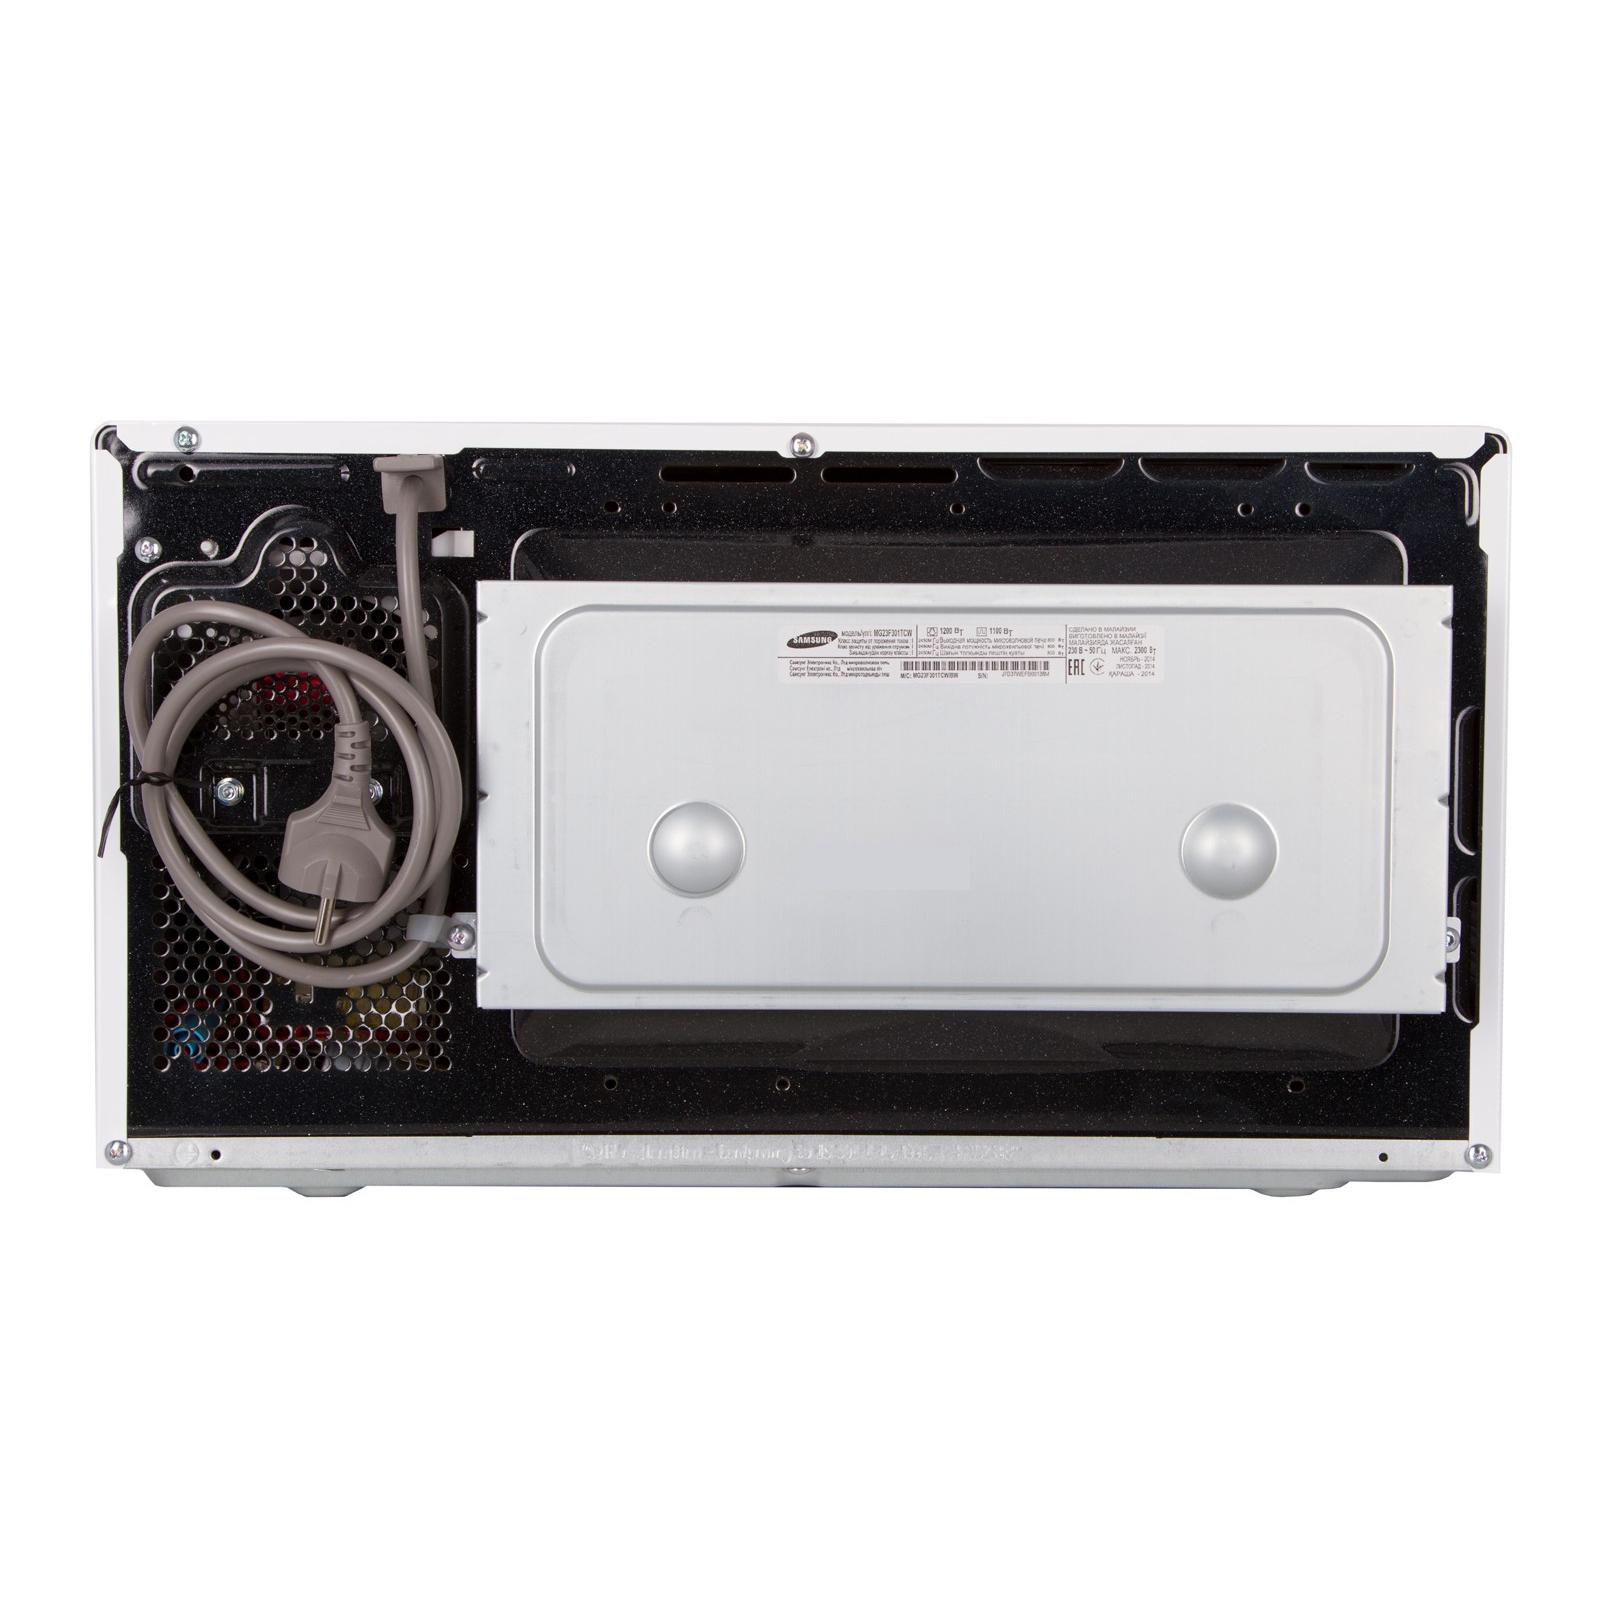 Микроволновая печь Samsung MG23F301TCW/BW изображение 4